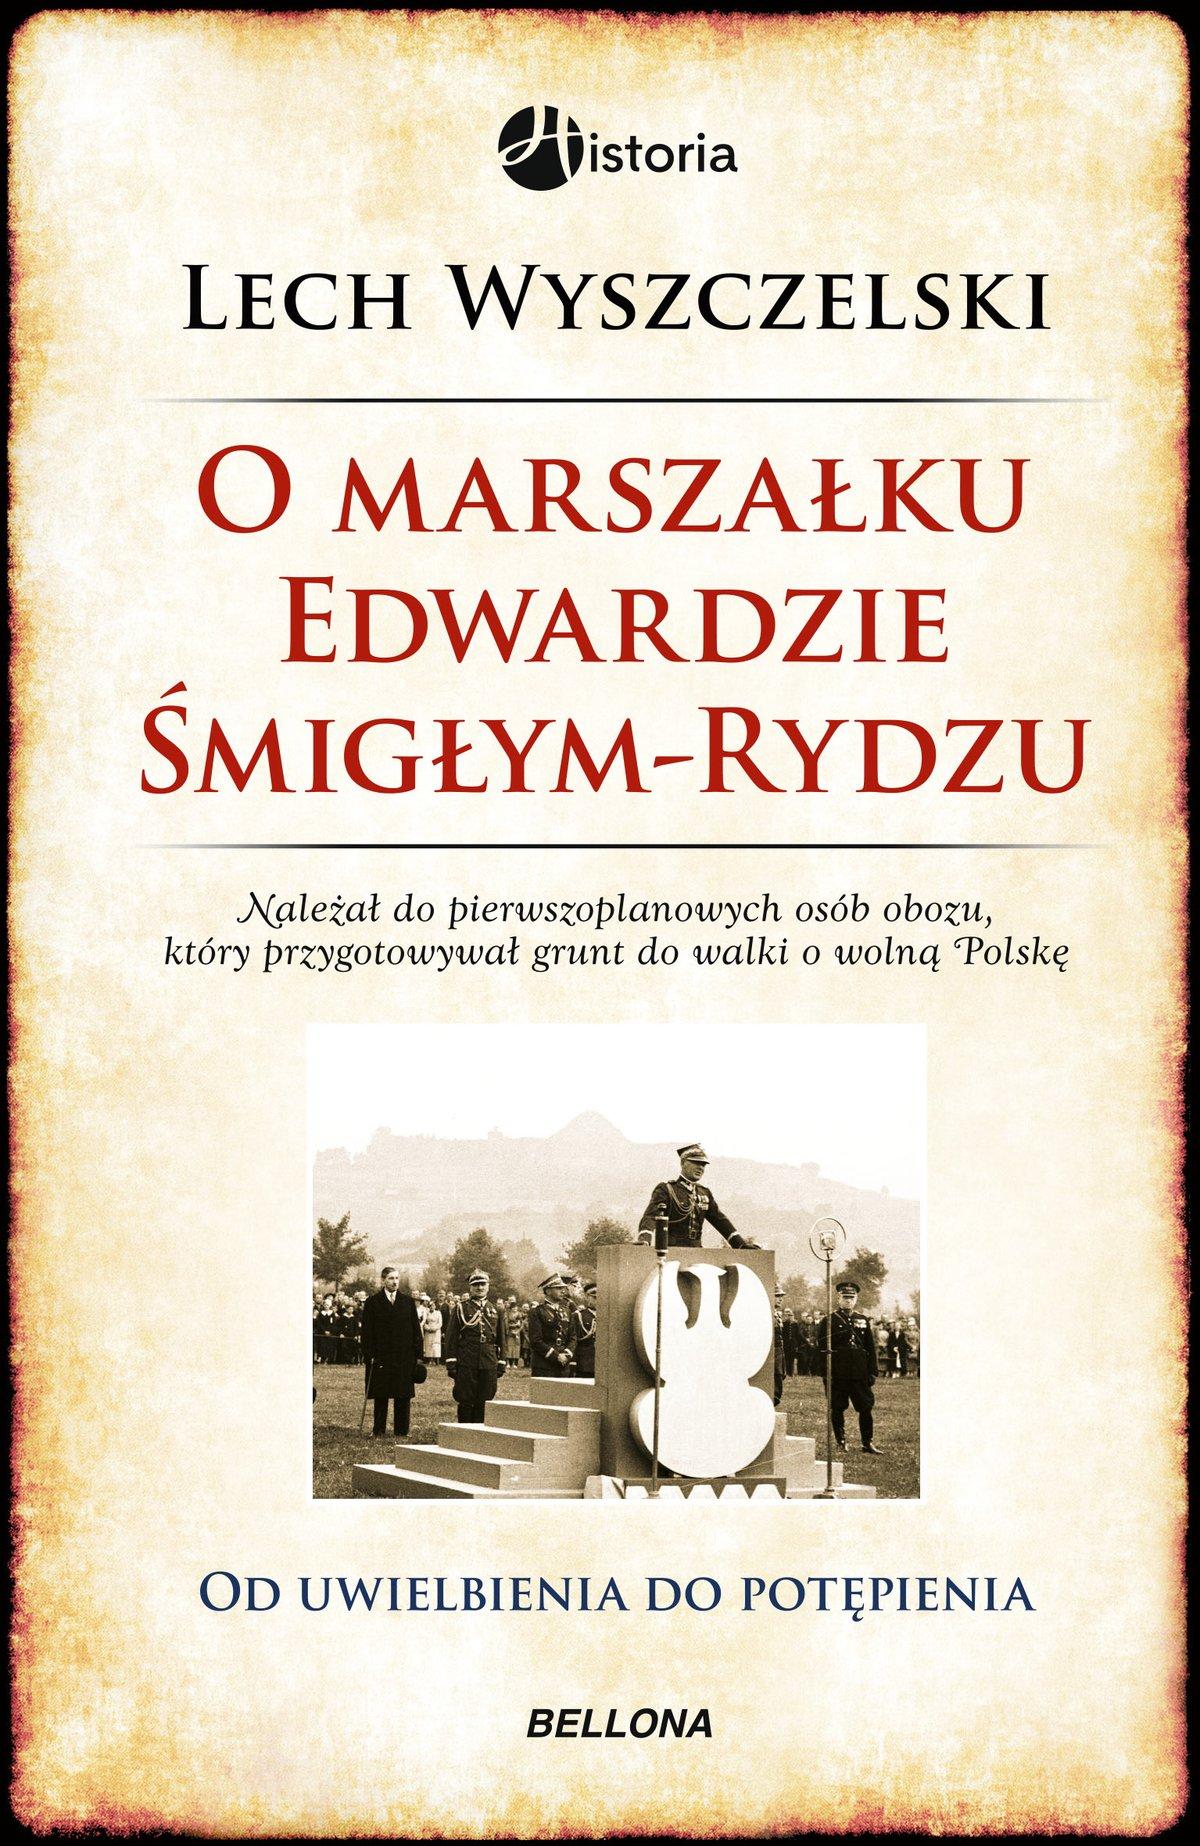 Od uwielbienia do potępienia. Rzecz o marszałku Śmigłym-Rydzu - Ebook (Książka EPUB) do pobrania w formacie EPUB